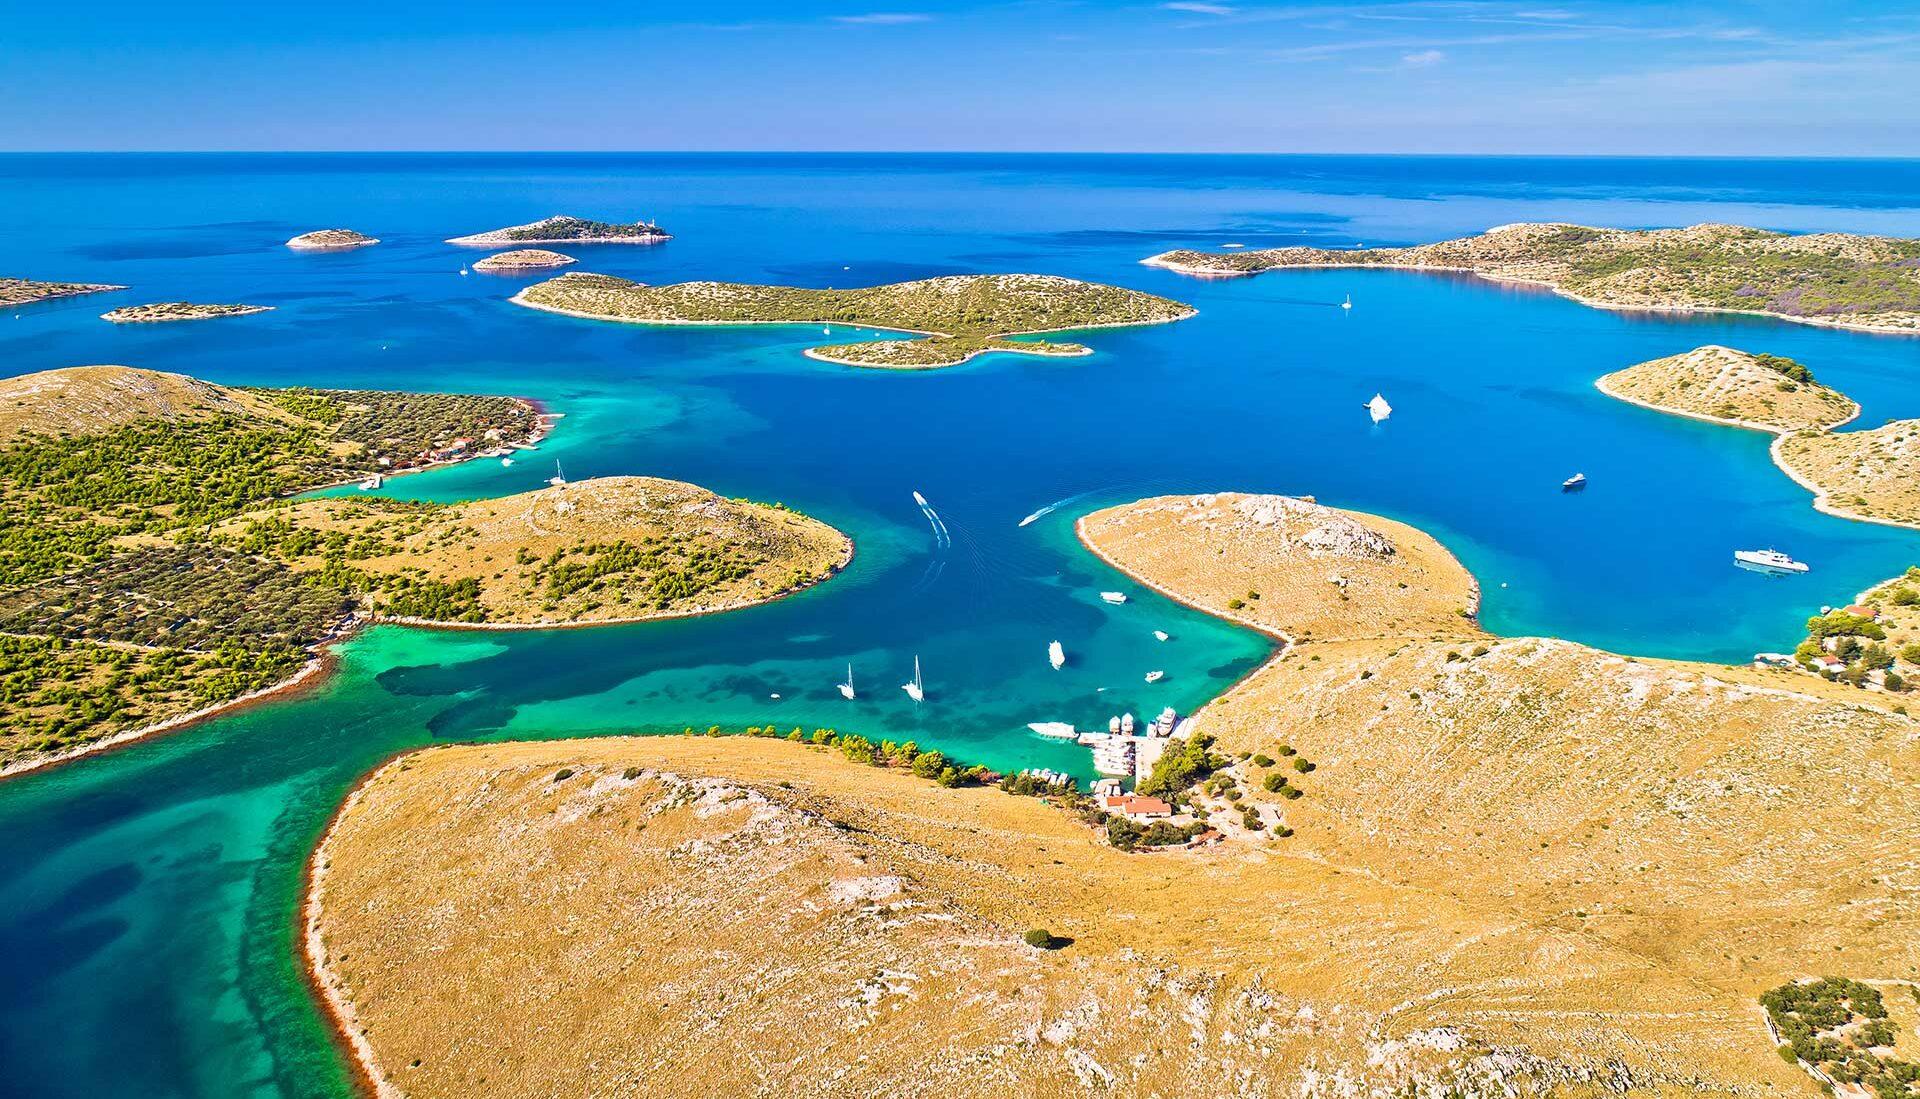 Zadar Holiday Sailing | Family Sailing Holidays | Yacht Charter Croatia | Sabastus Sailing